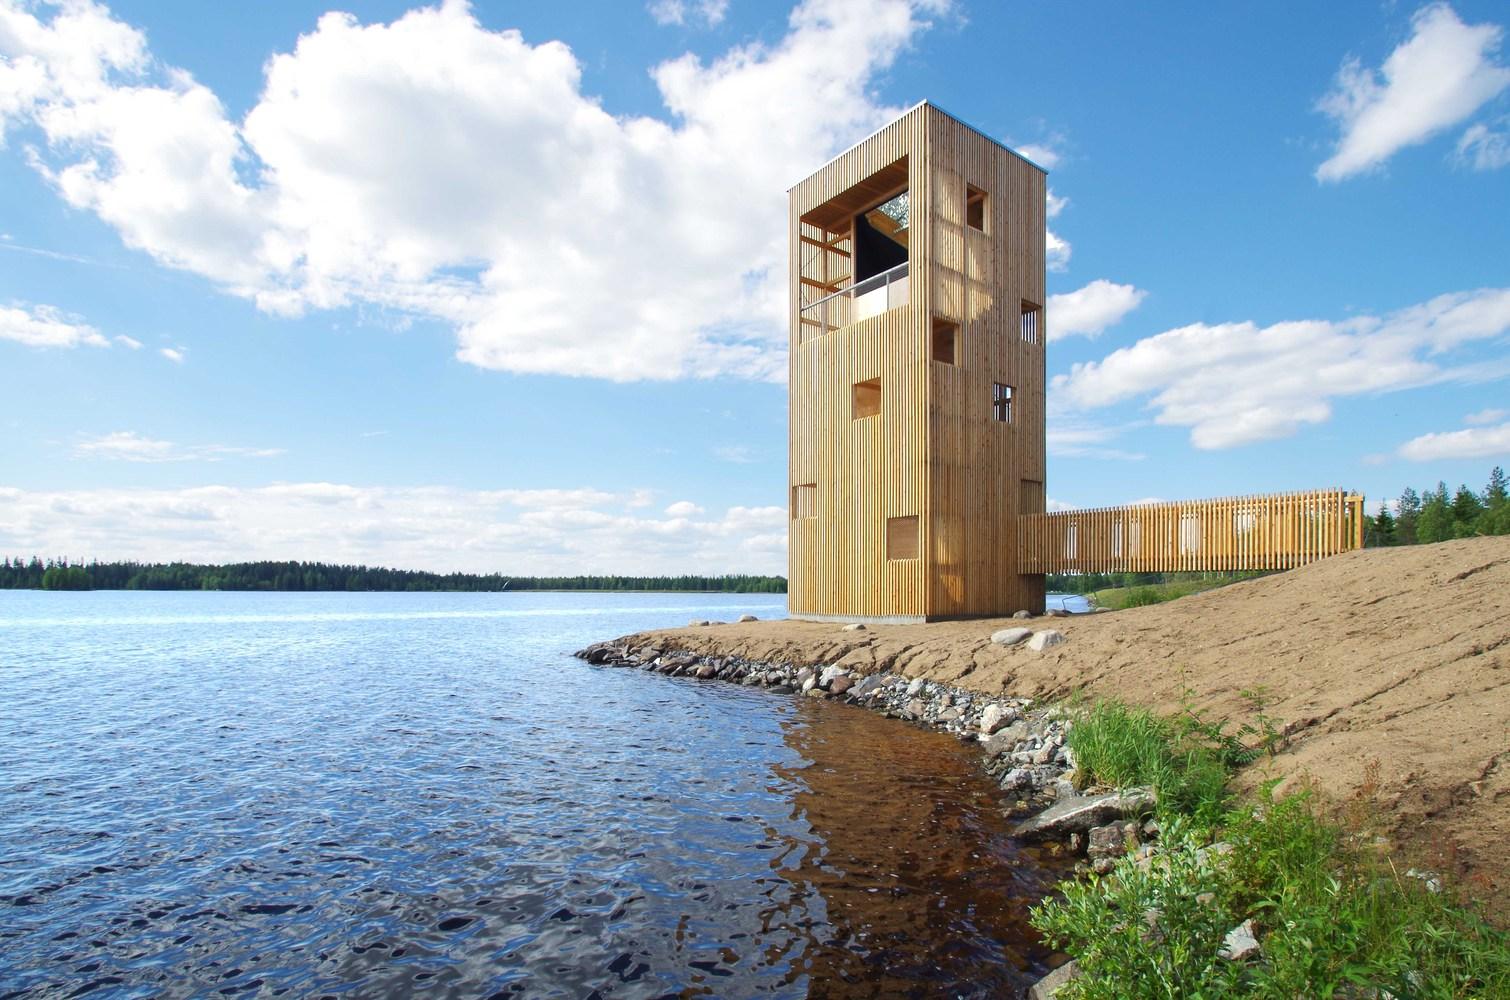 芬兰木材搭建的潜望镜瞭望塔 / oopeaa - 预制建筑网